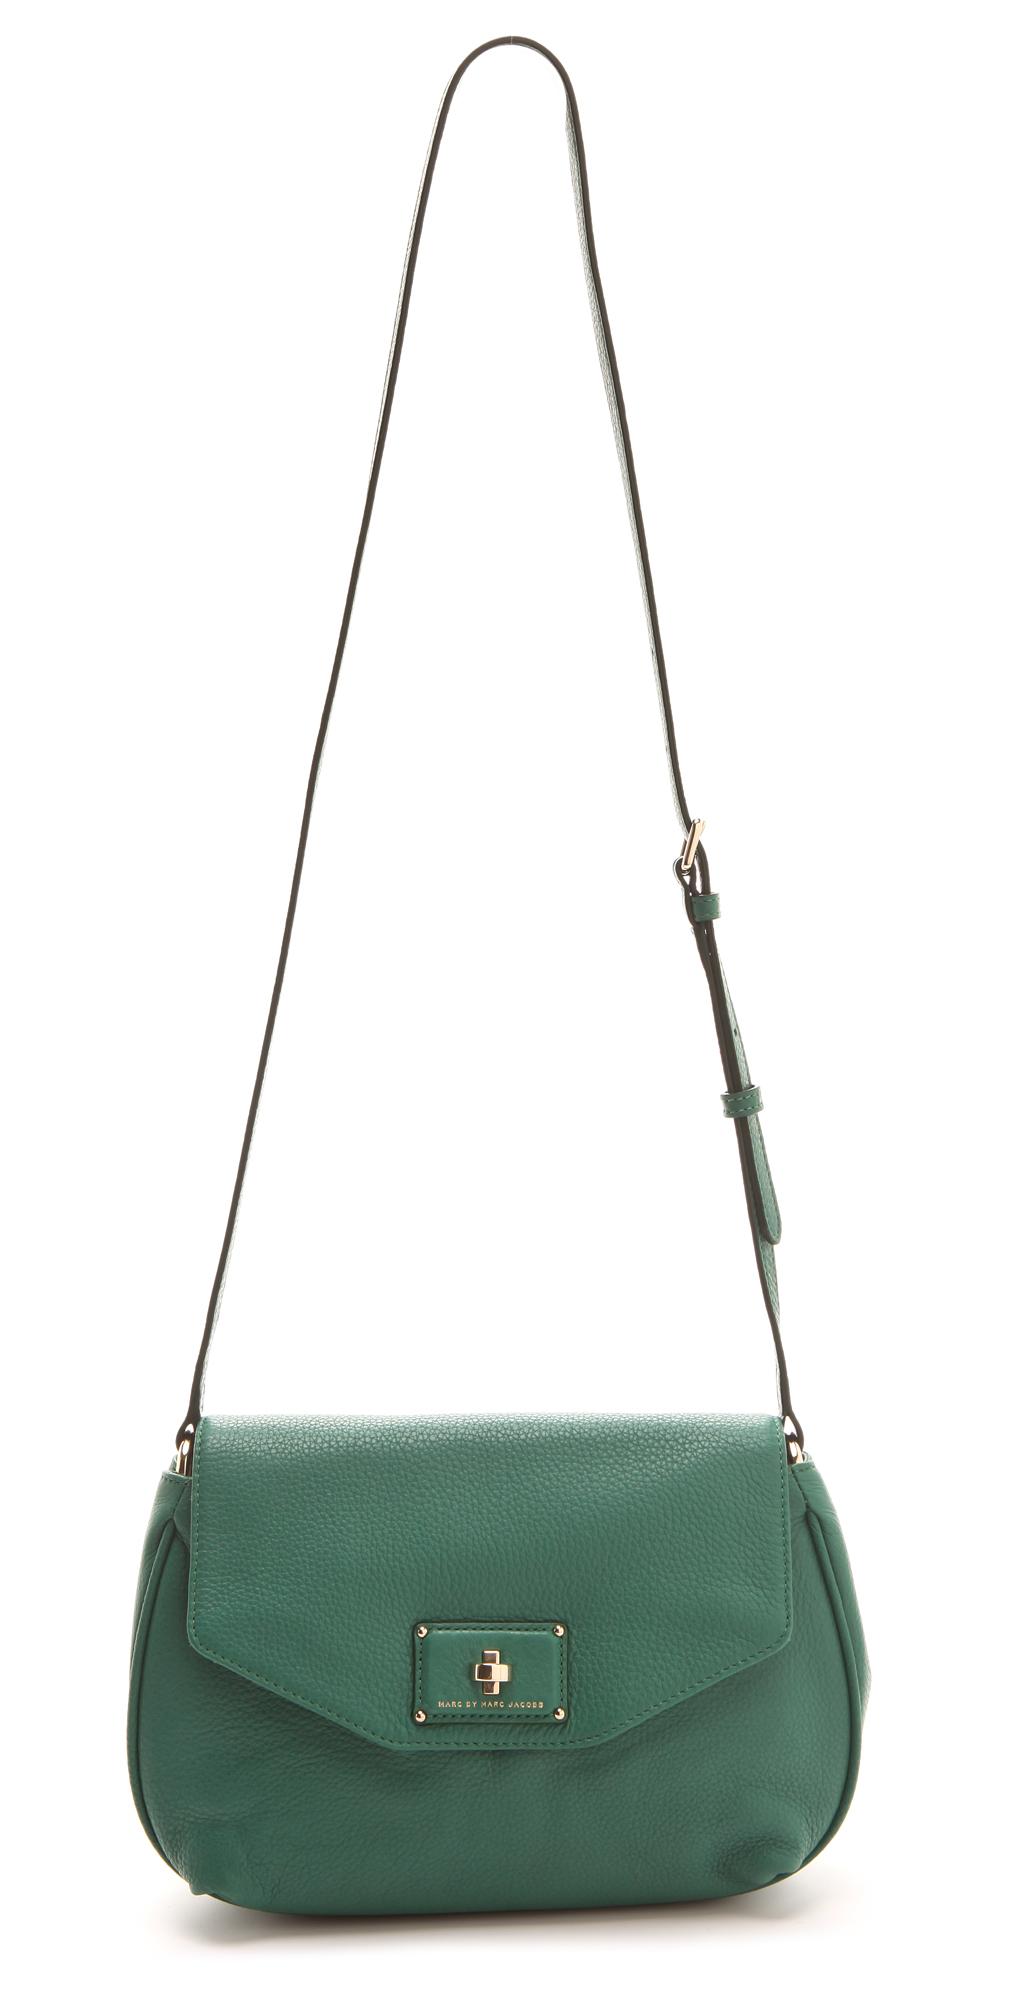 736576f7c881 Marc by Marc Jacobs Les Zeppelin Flap Bag